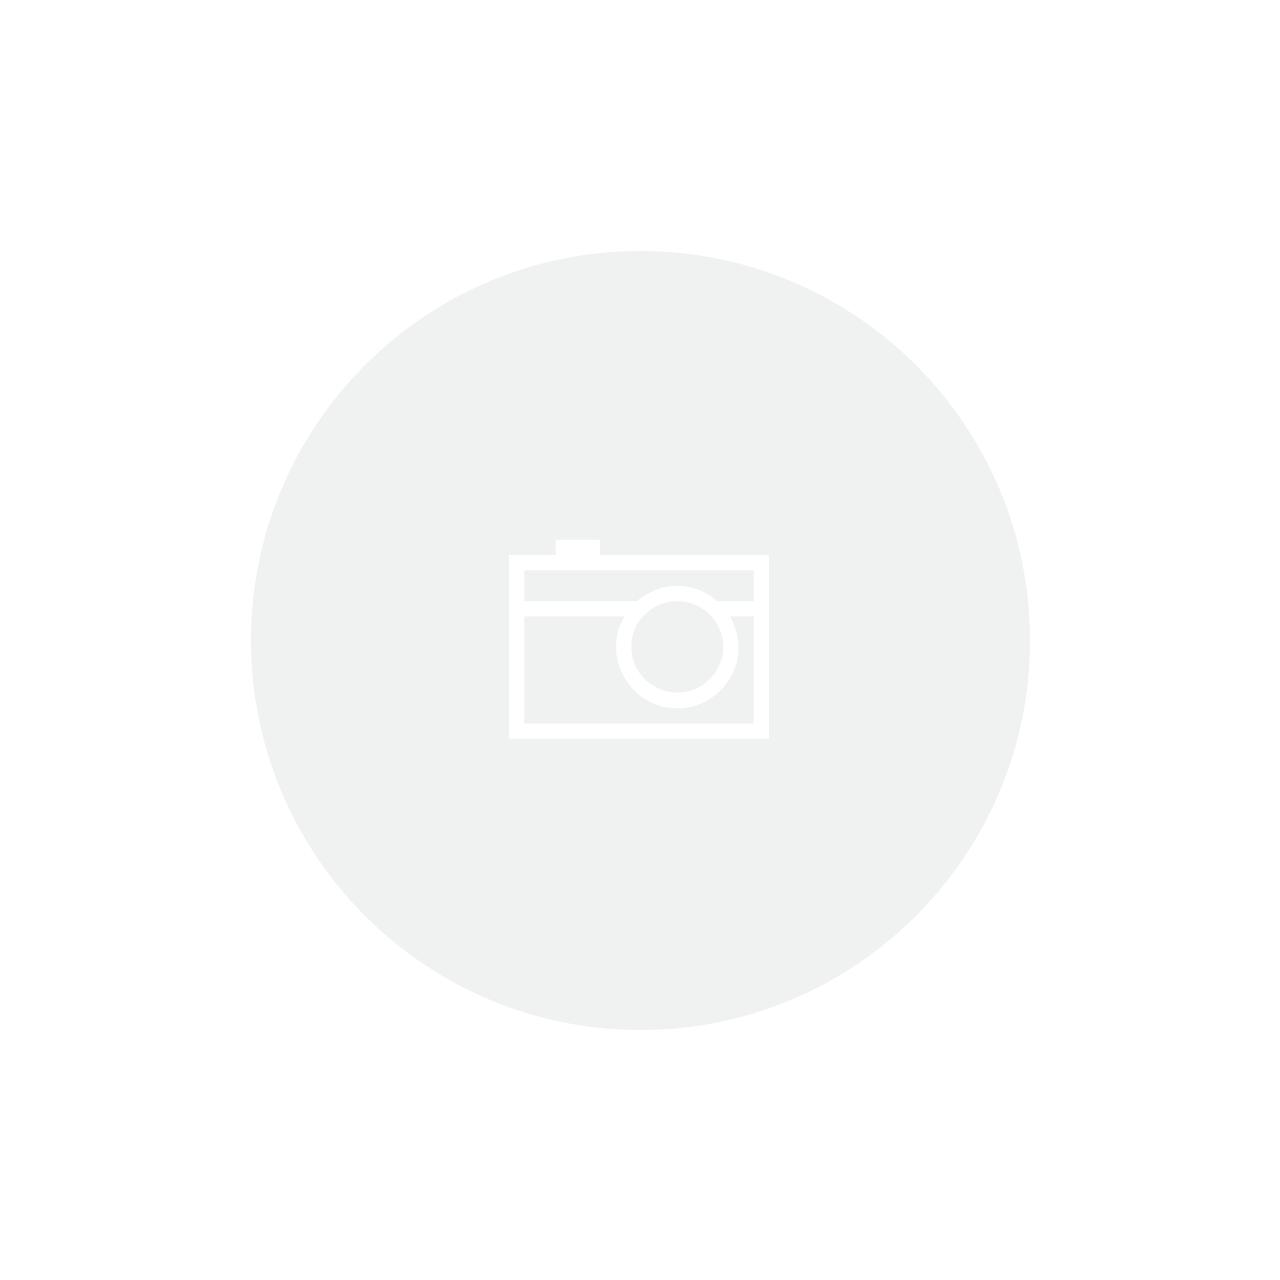 MOUSE S/FIO RC/NANO M-W21 BK C3TECH